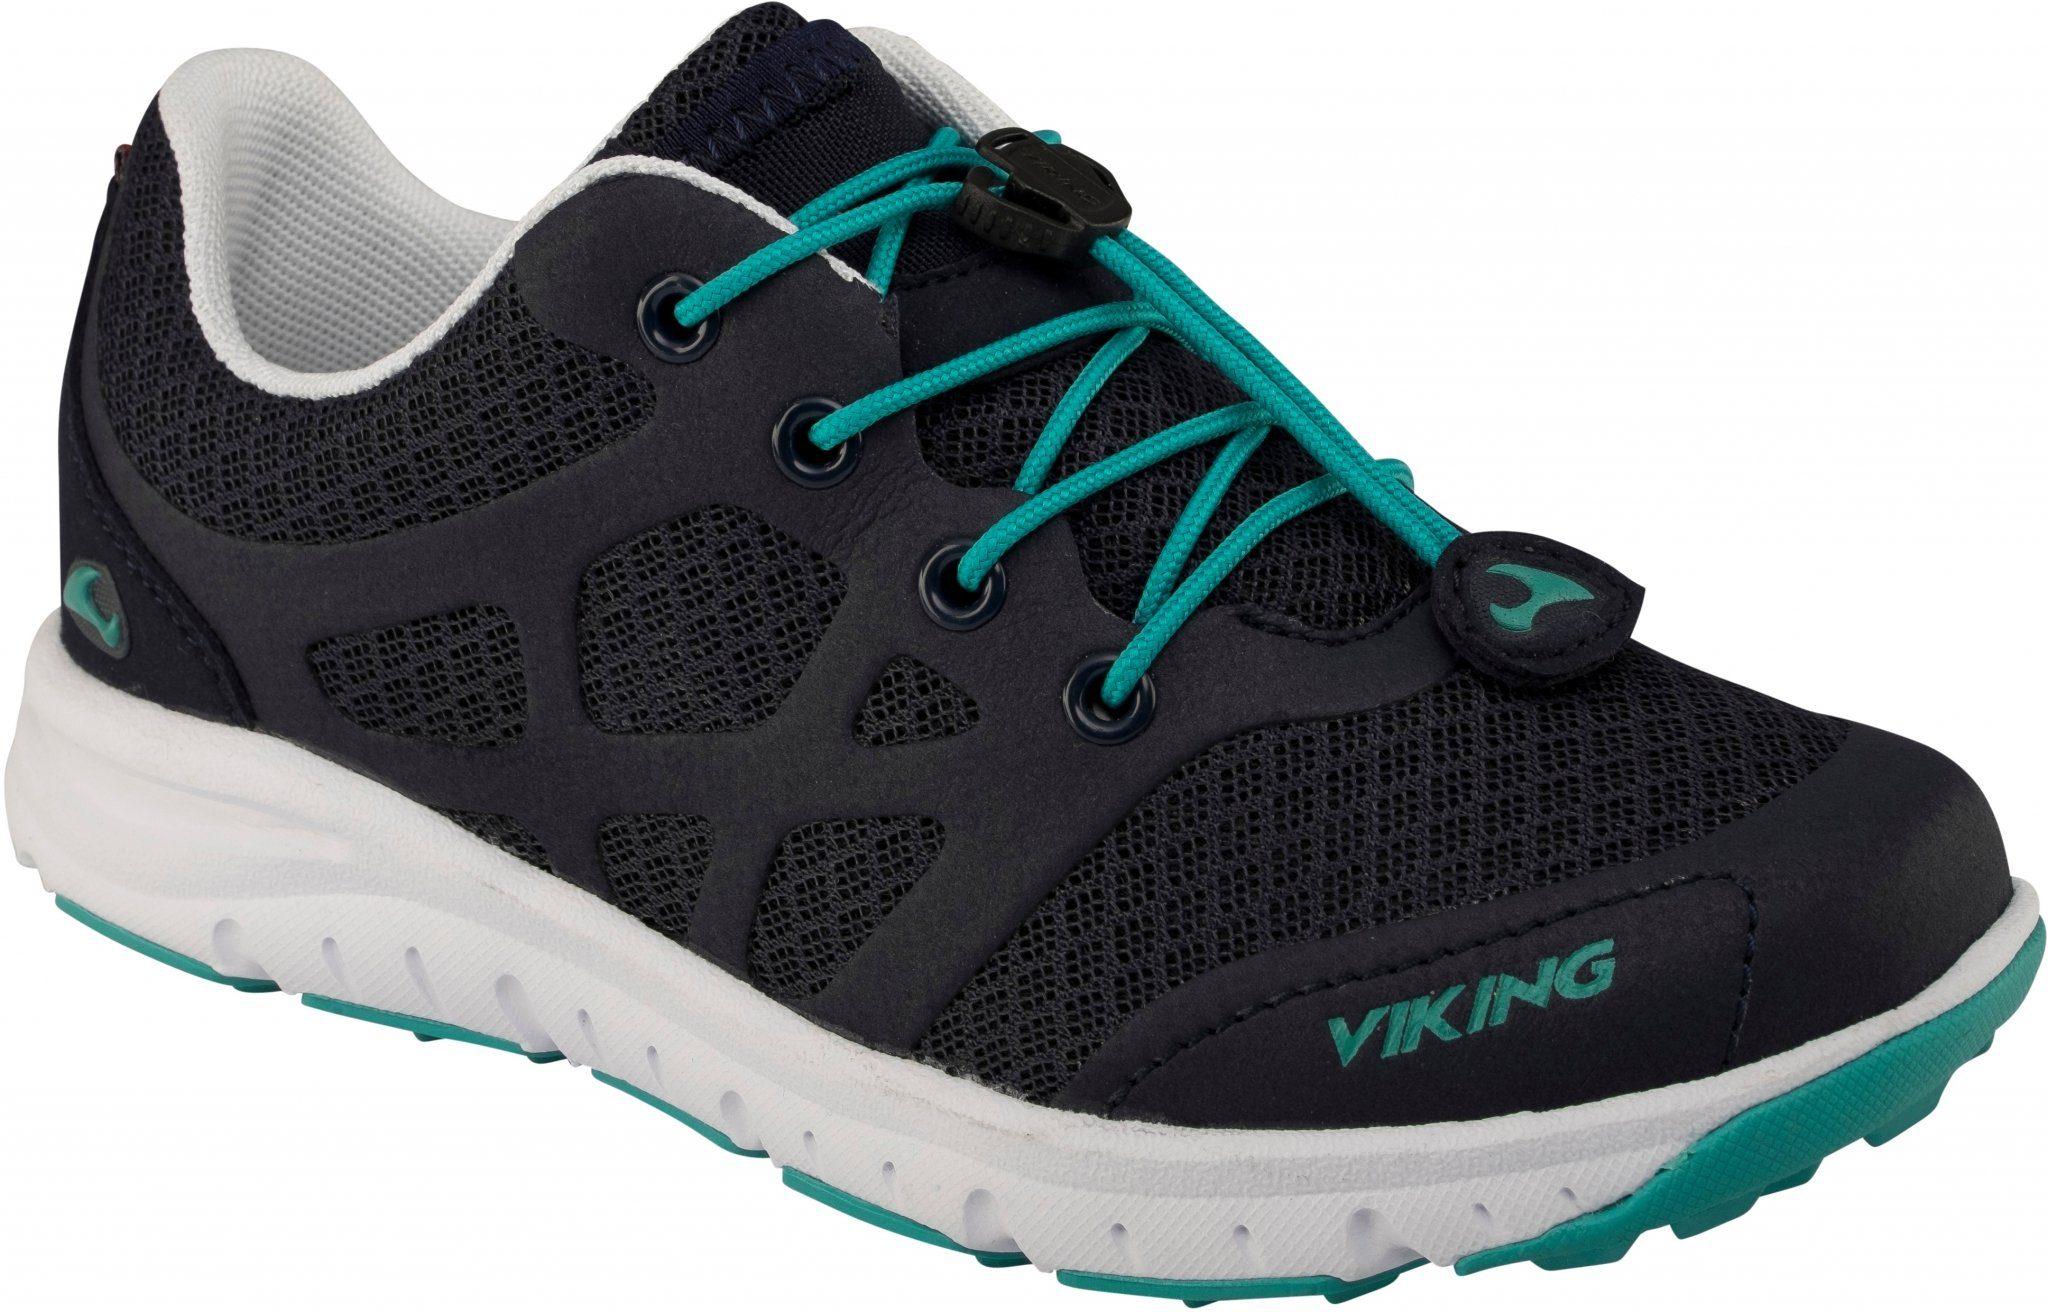 VIKING Kletterschuh »Viking Saratoga II Shoes Juniors«